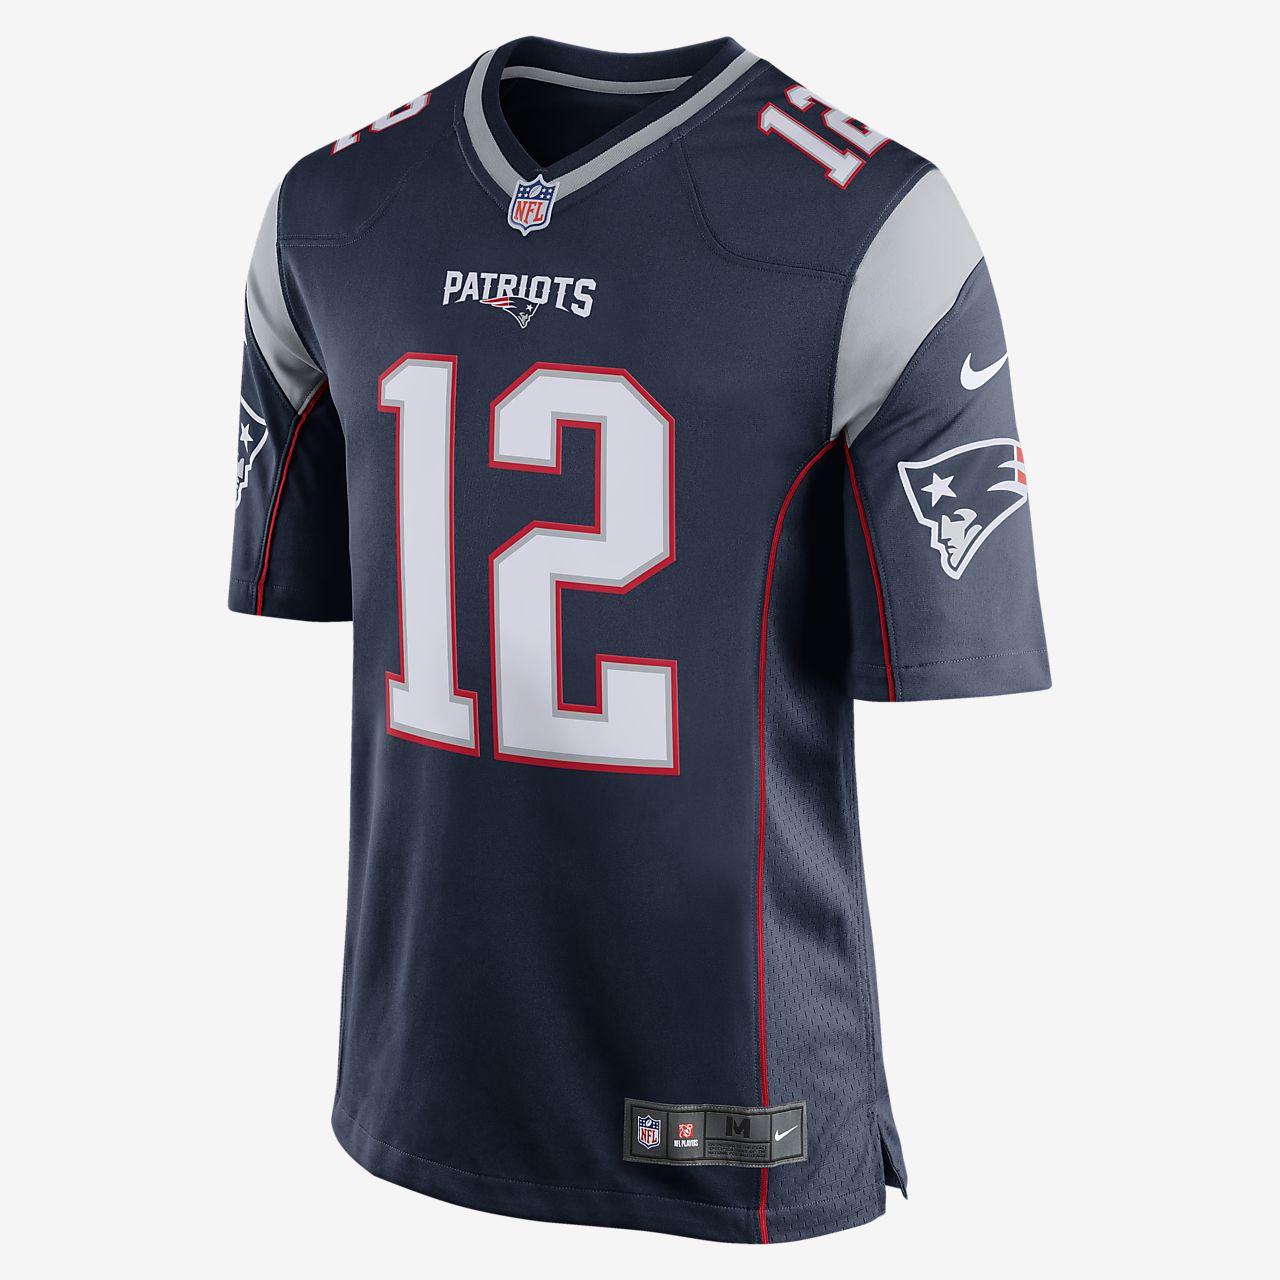 Maillot de football domicile NFL New England Patriots (Tom Brady) pour Homme